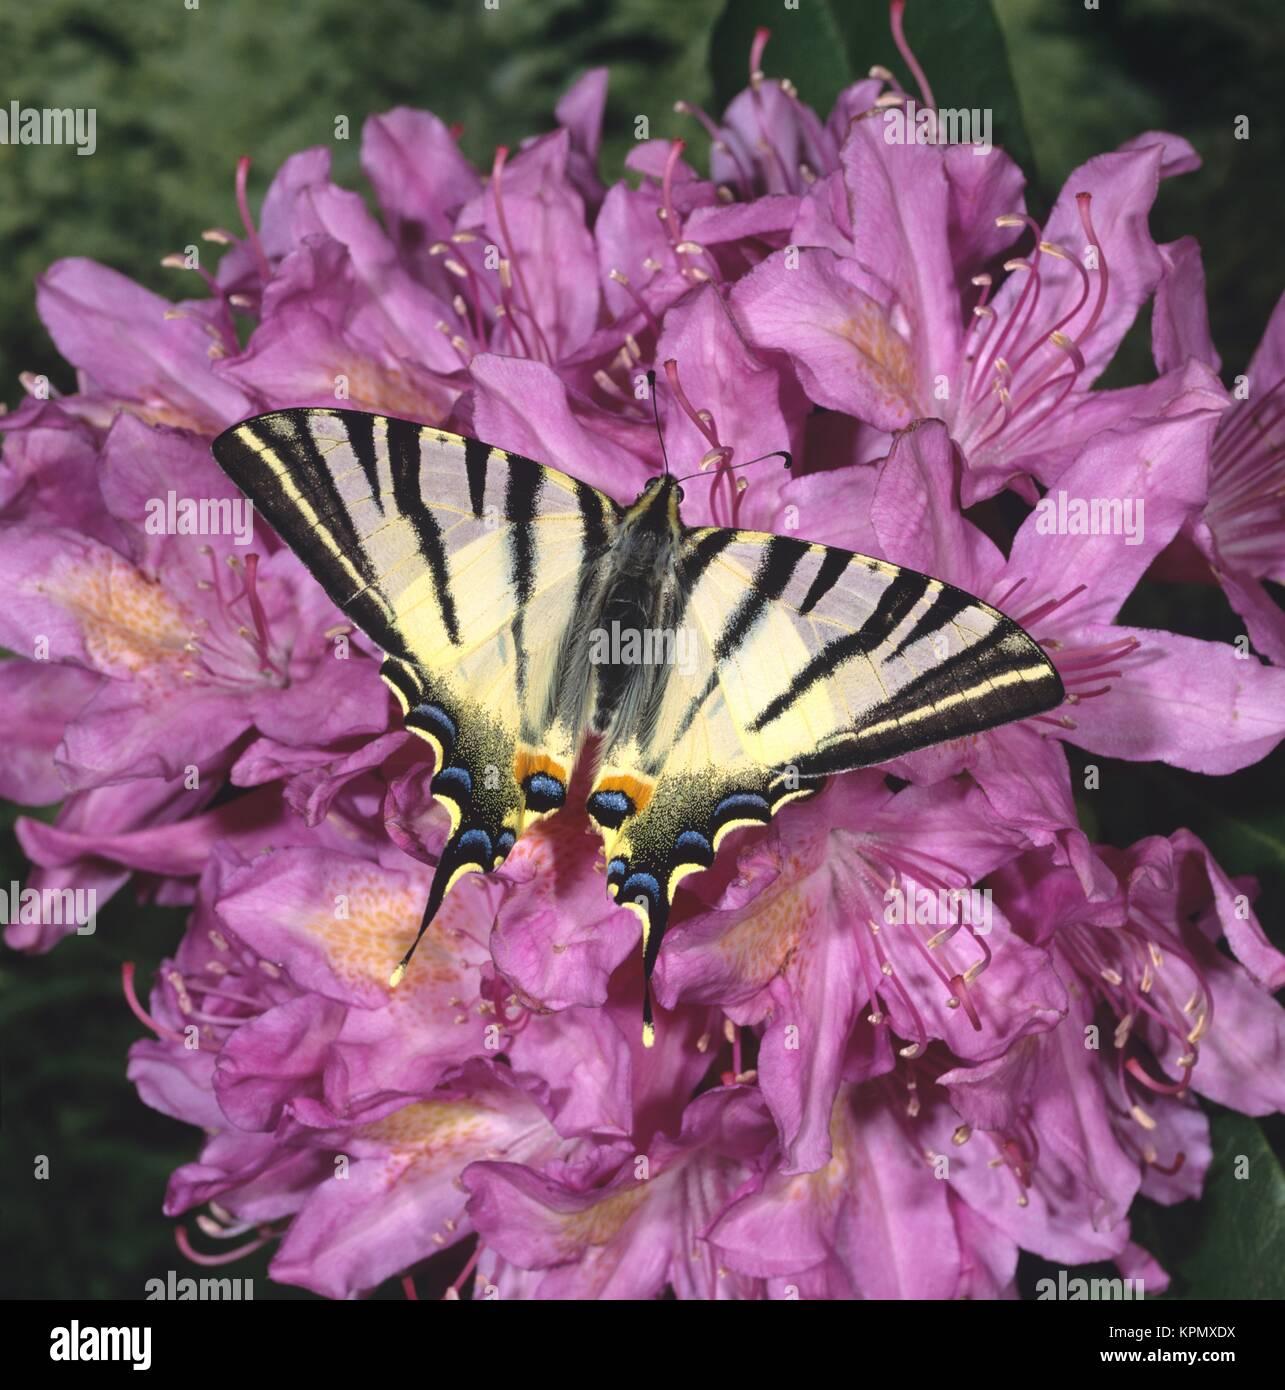 Segelfalter, Iphiclides podalirius, Scarce Swallowtail, Tagfalter mit geöffneten Flügeln auf rosa Blüten Stock Photo